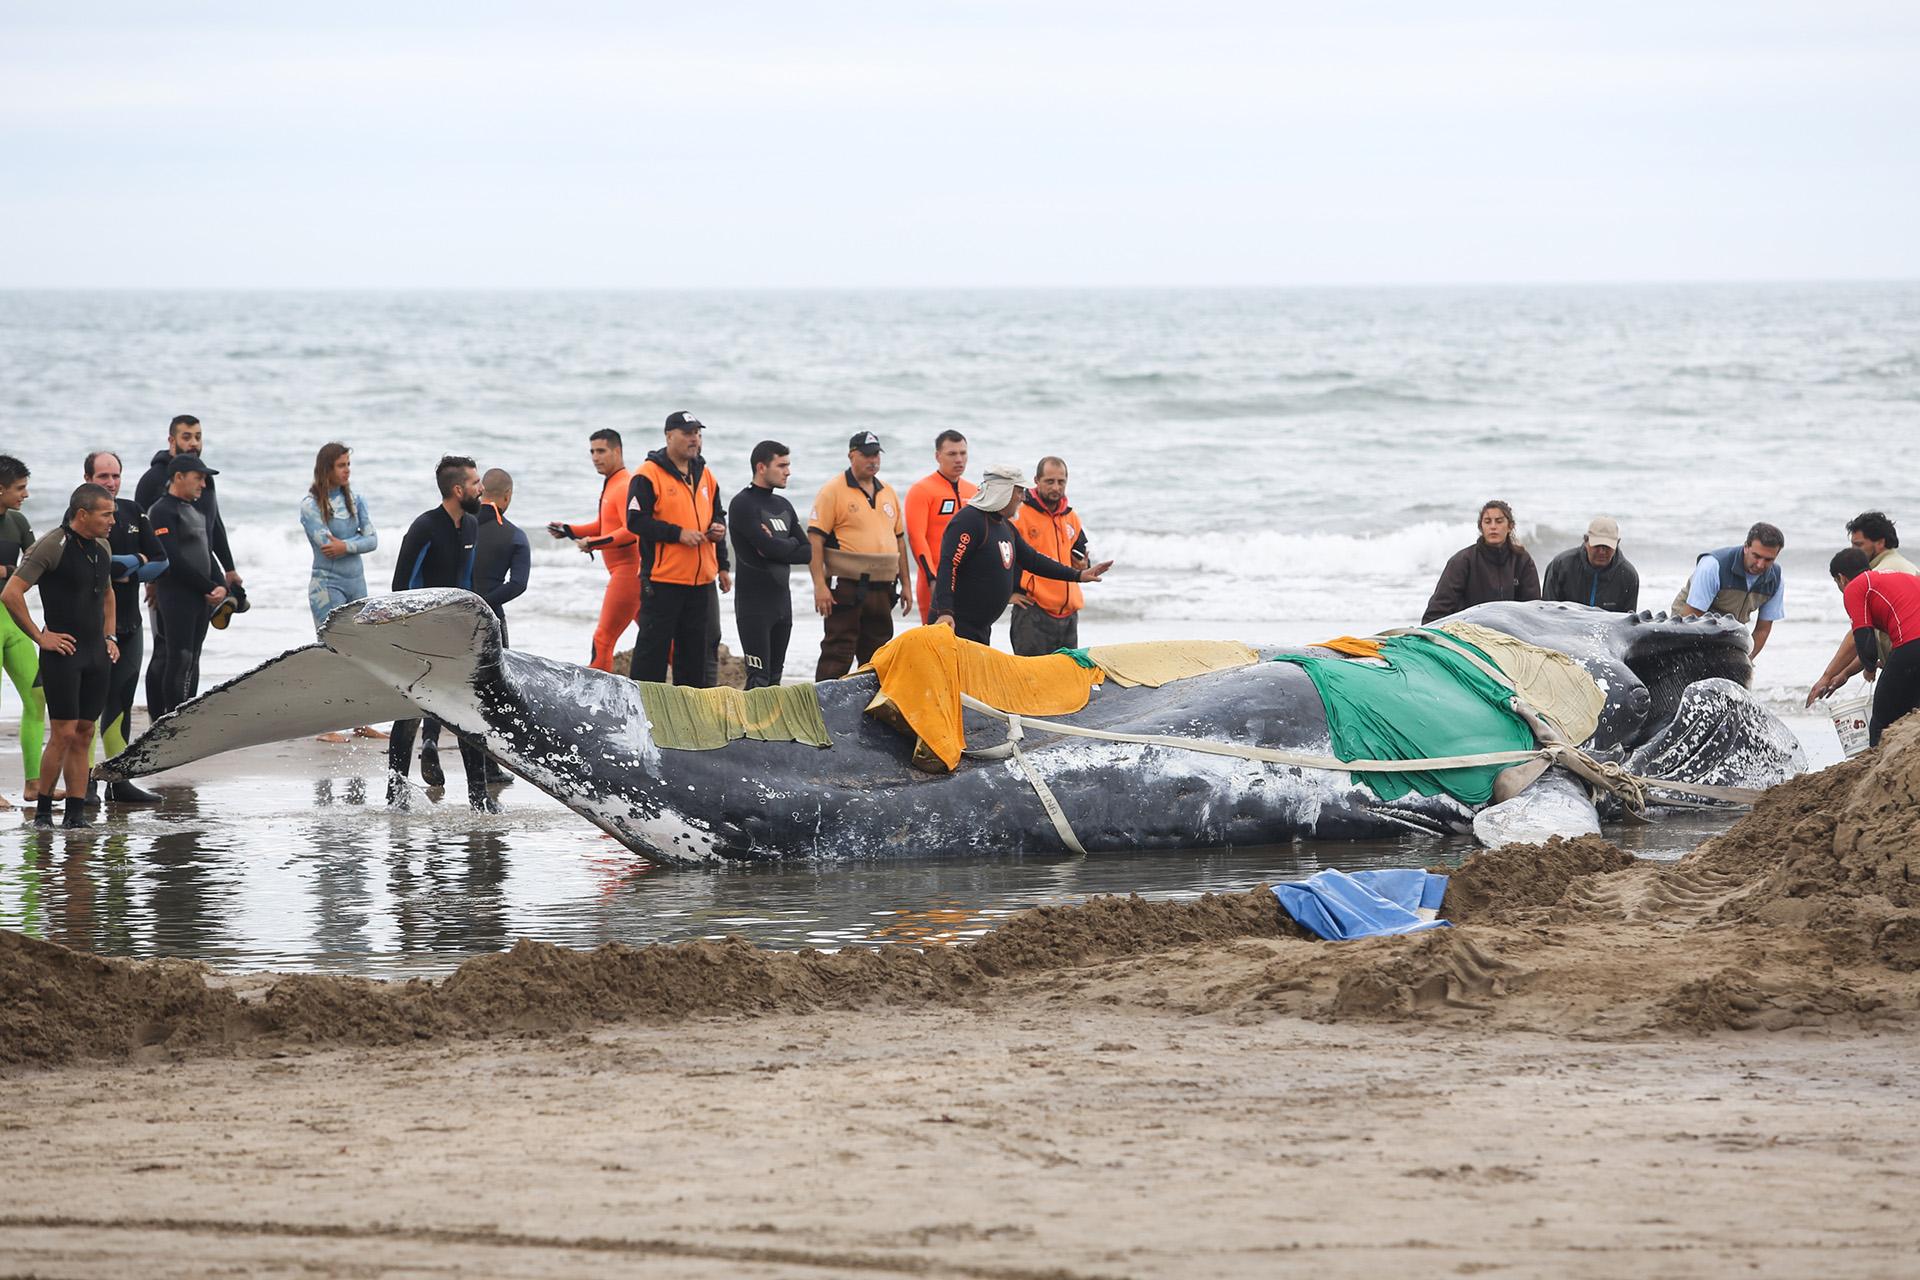 Ballena encallada en las playas de Mar del Plata (Christian Heit)